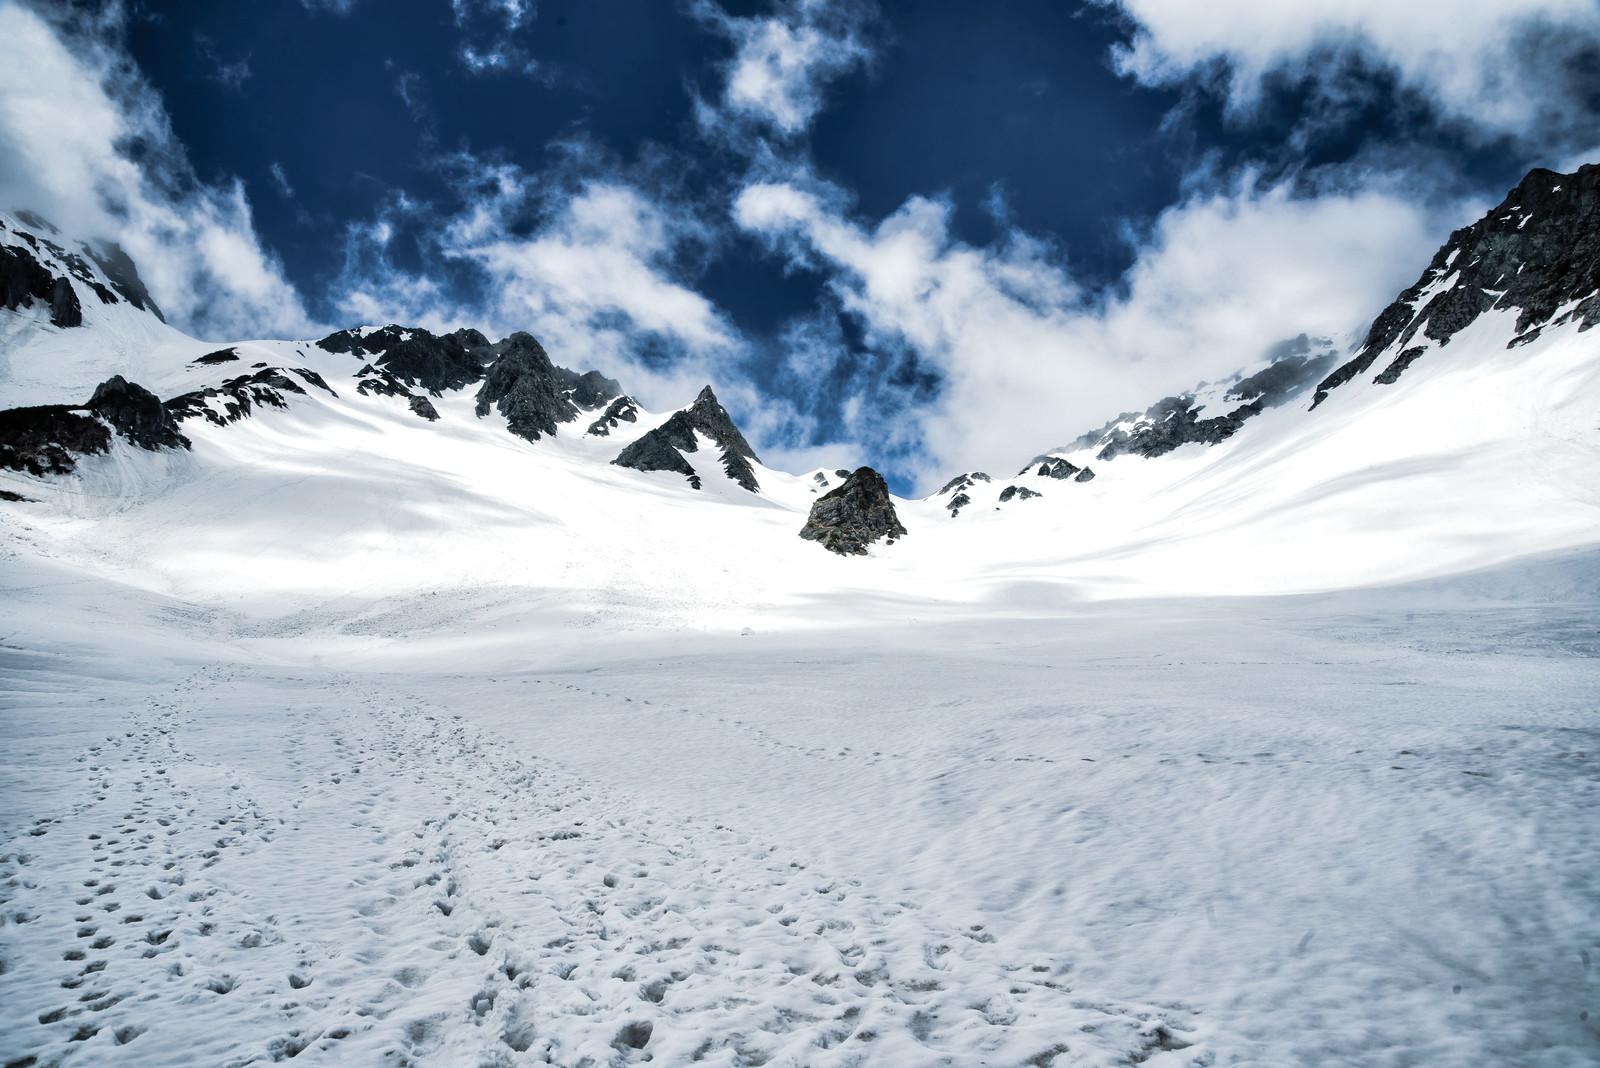 「涸沢カールに残る登山の足跡」の写真